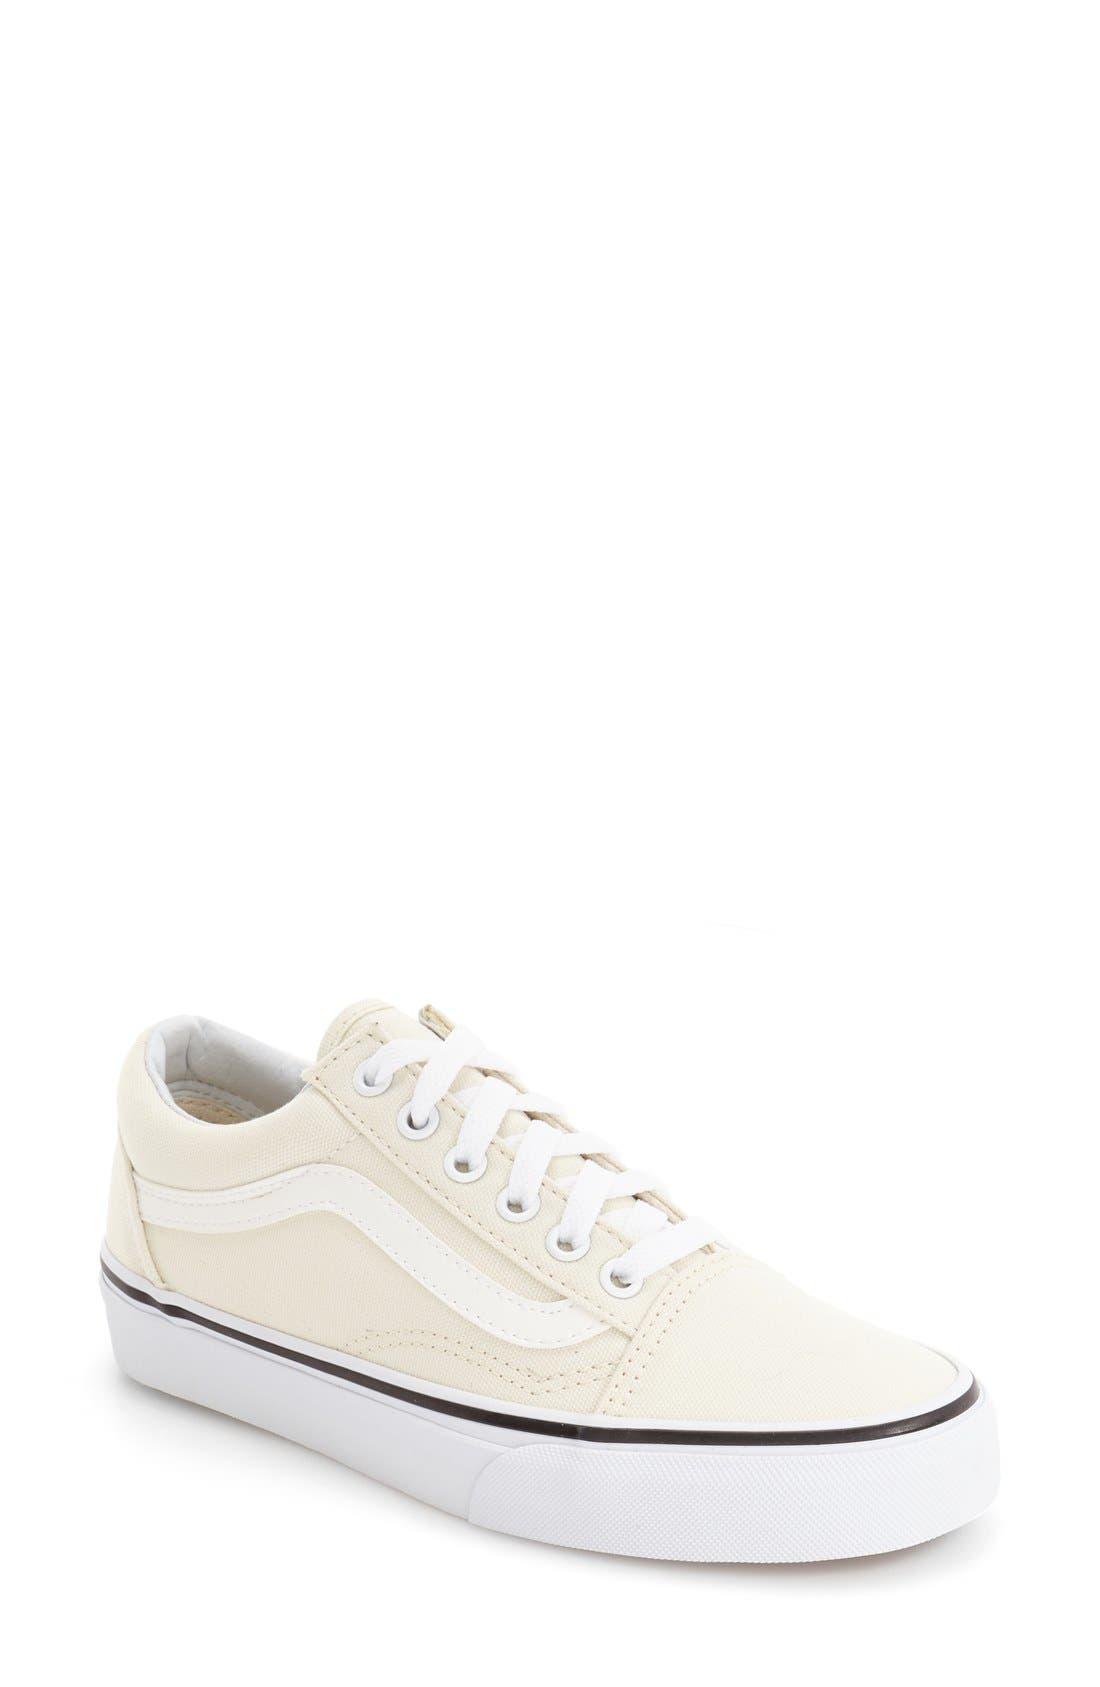 Vans 'Old Skool' Sneaker (Women)